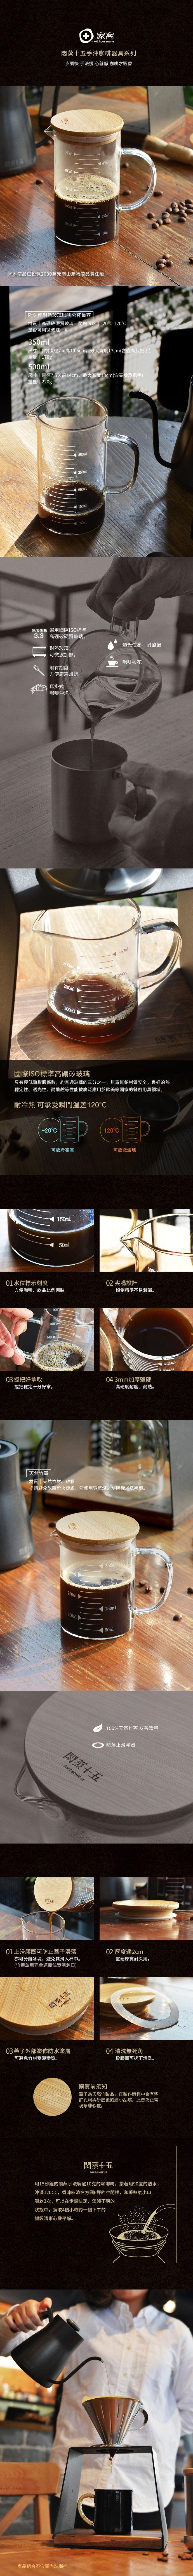 +O家窩|悶蒸十五附刻度耐熱玻璃咖啡公杯量壺(附天然竹蓋)-350ml